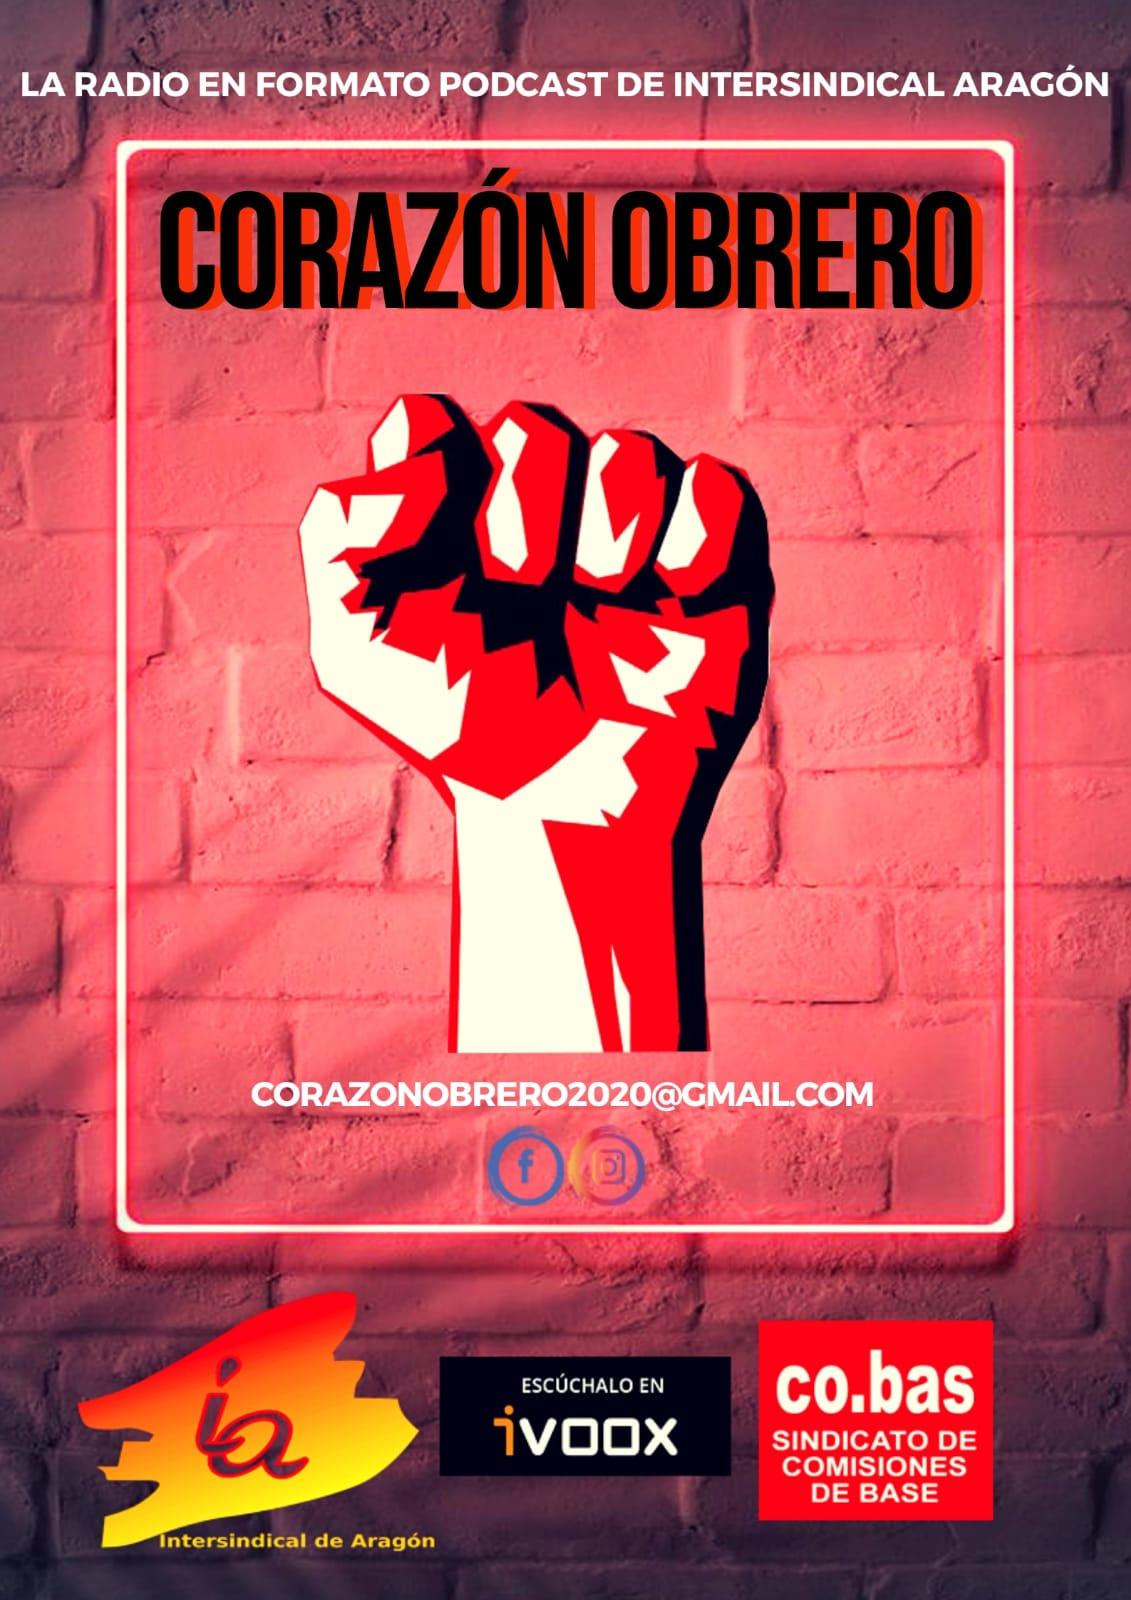 Corazon Obrero, nuevo podcast publicado, Consecuencias sociolaborales y económicas del covid-19